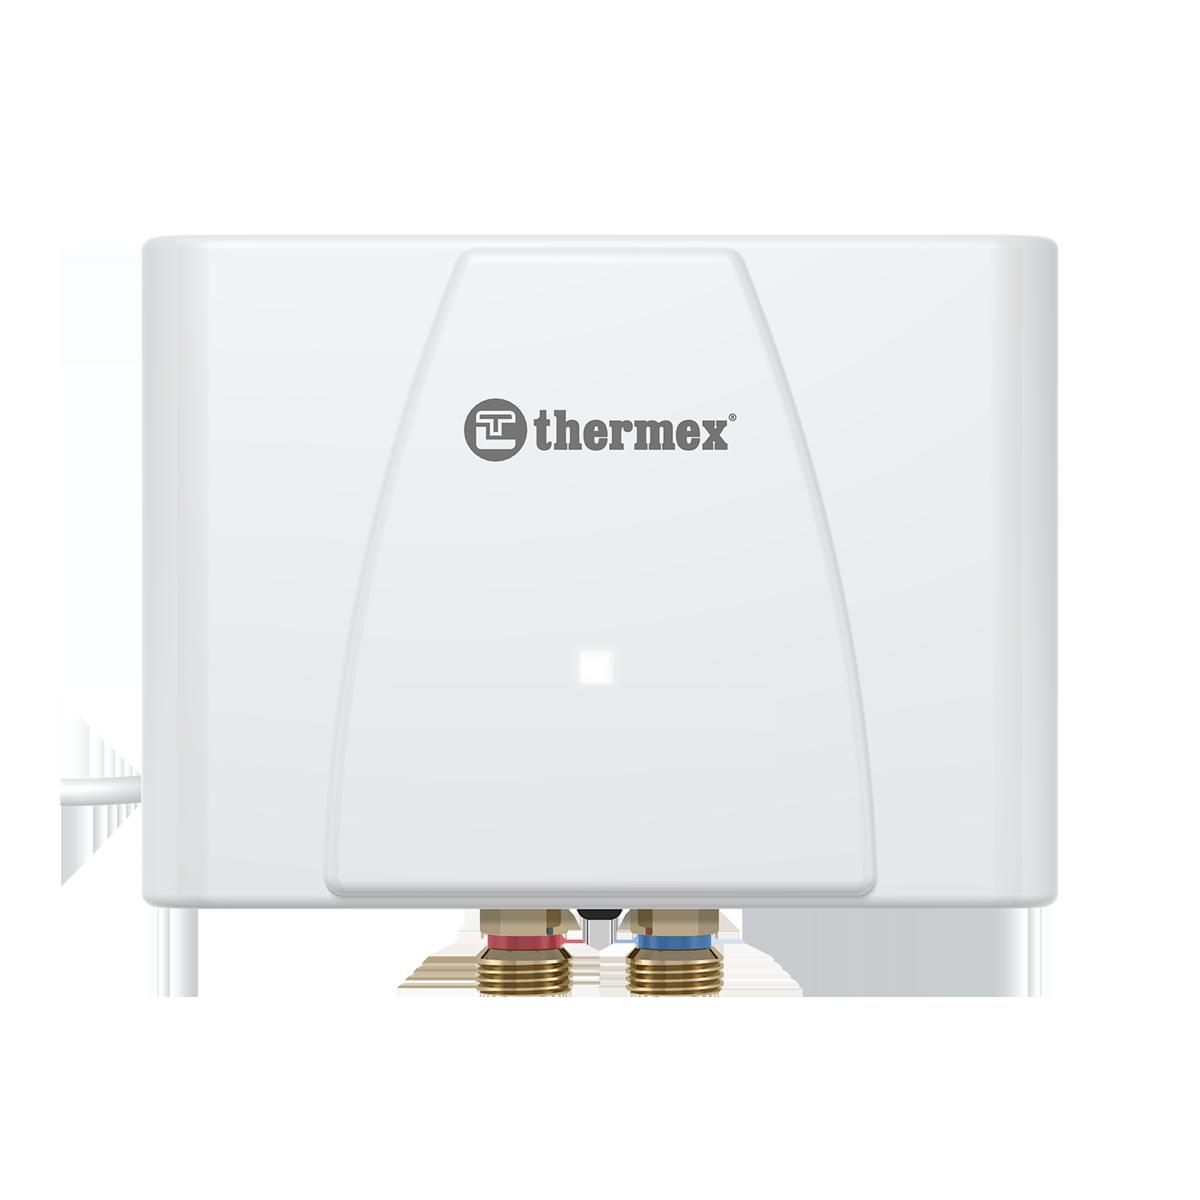 Проточный электрический водонагреватель Thermex Balance 4500 211 030